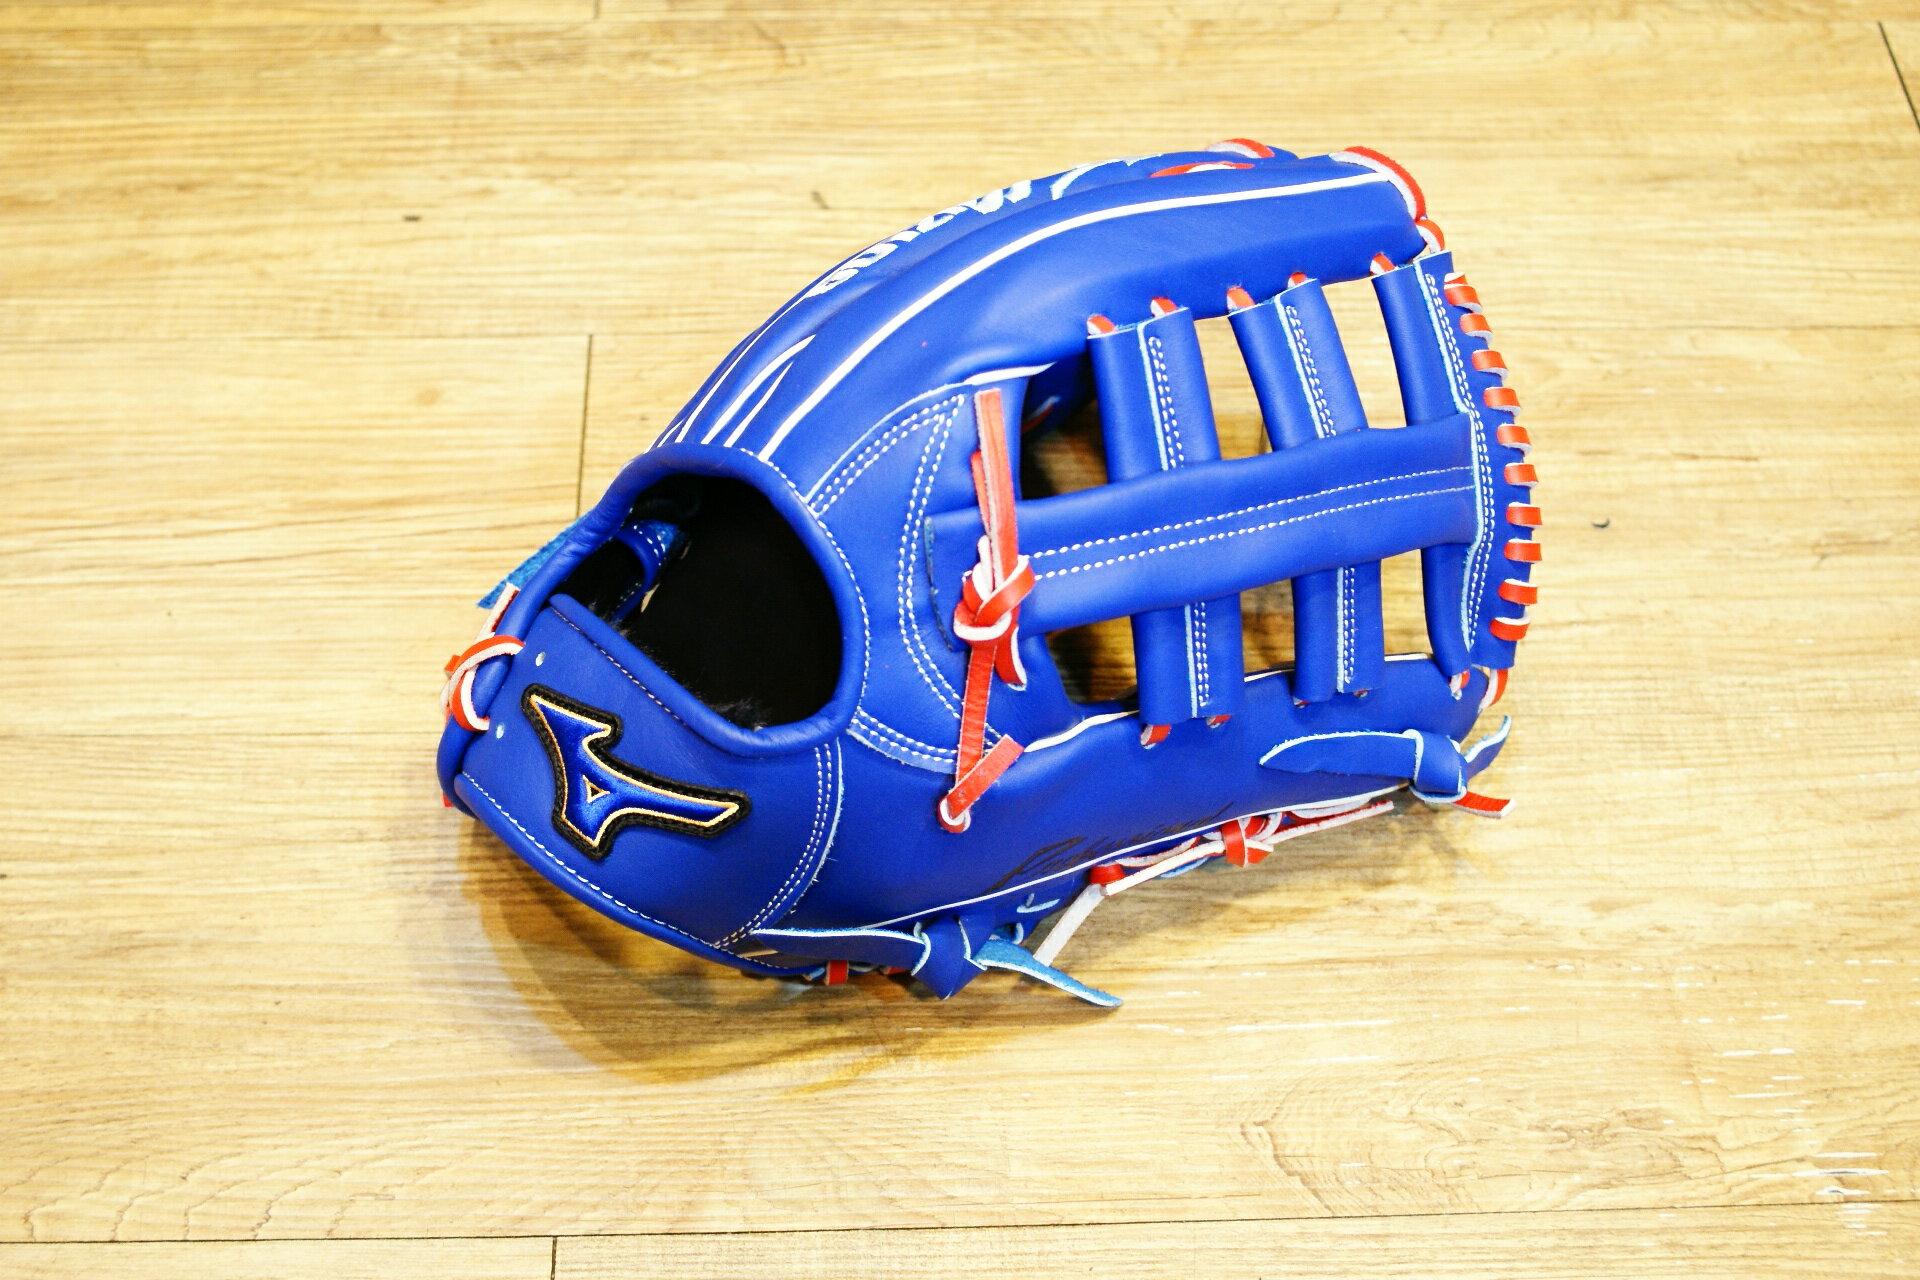 棒球世界 Mizuno 美津濃 2015年上半季 PROFESSIONAL 硬式外野雙十手套特價 藍色